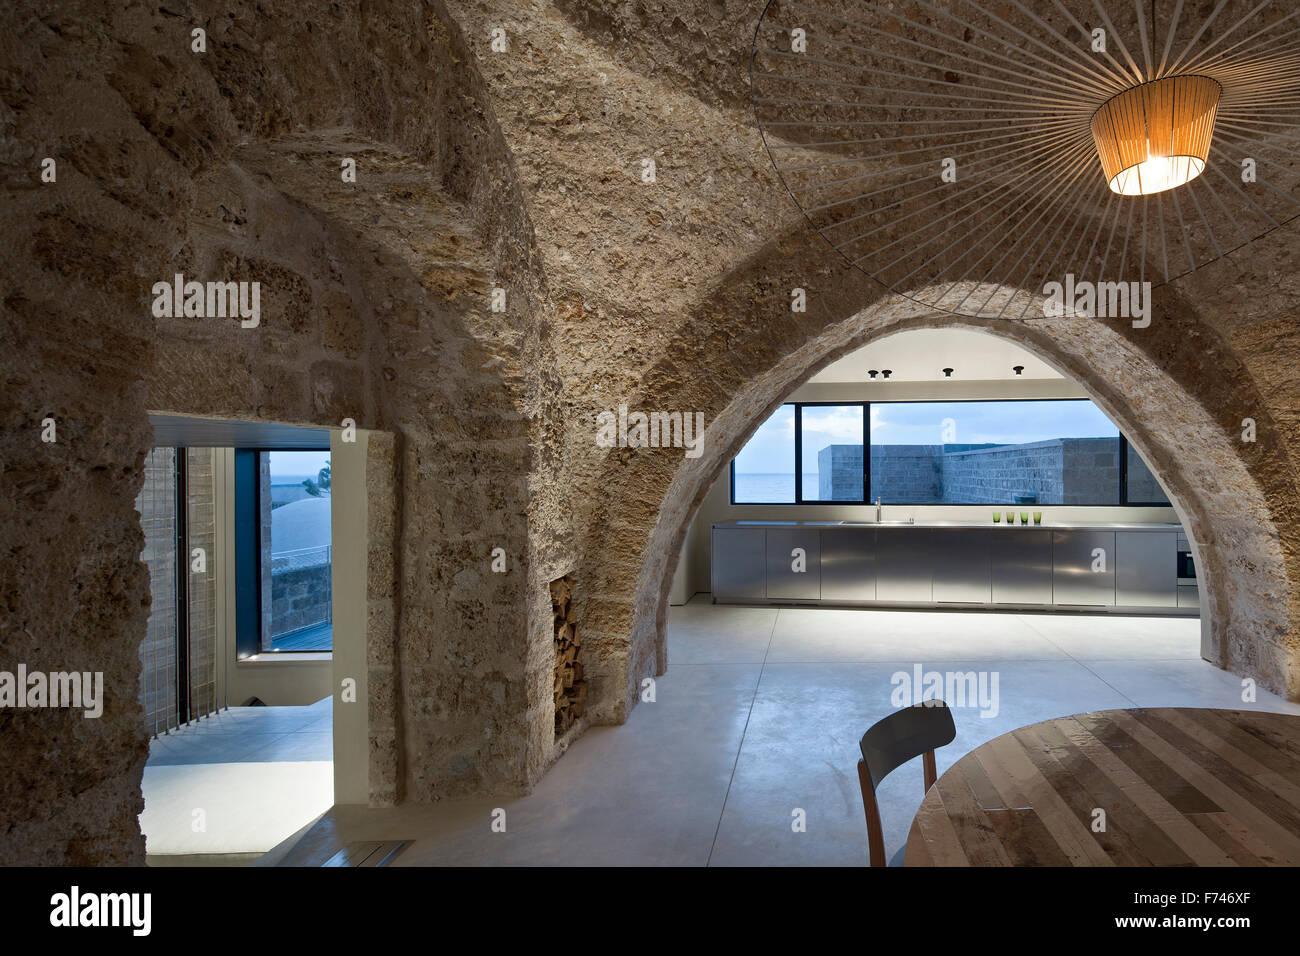 Rustique moderne et minimaliste de l\'arche en pierre apparente ...